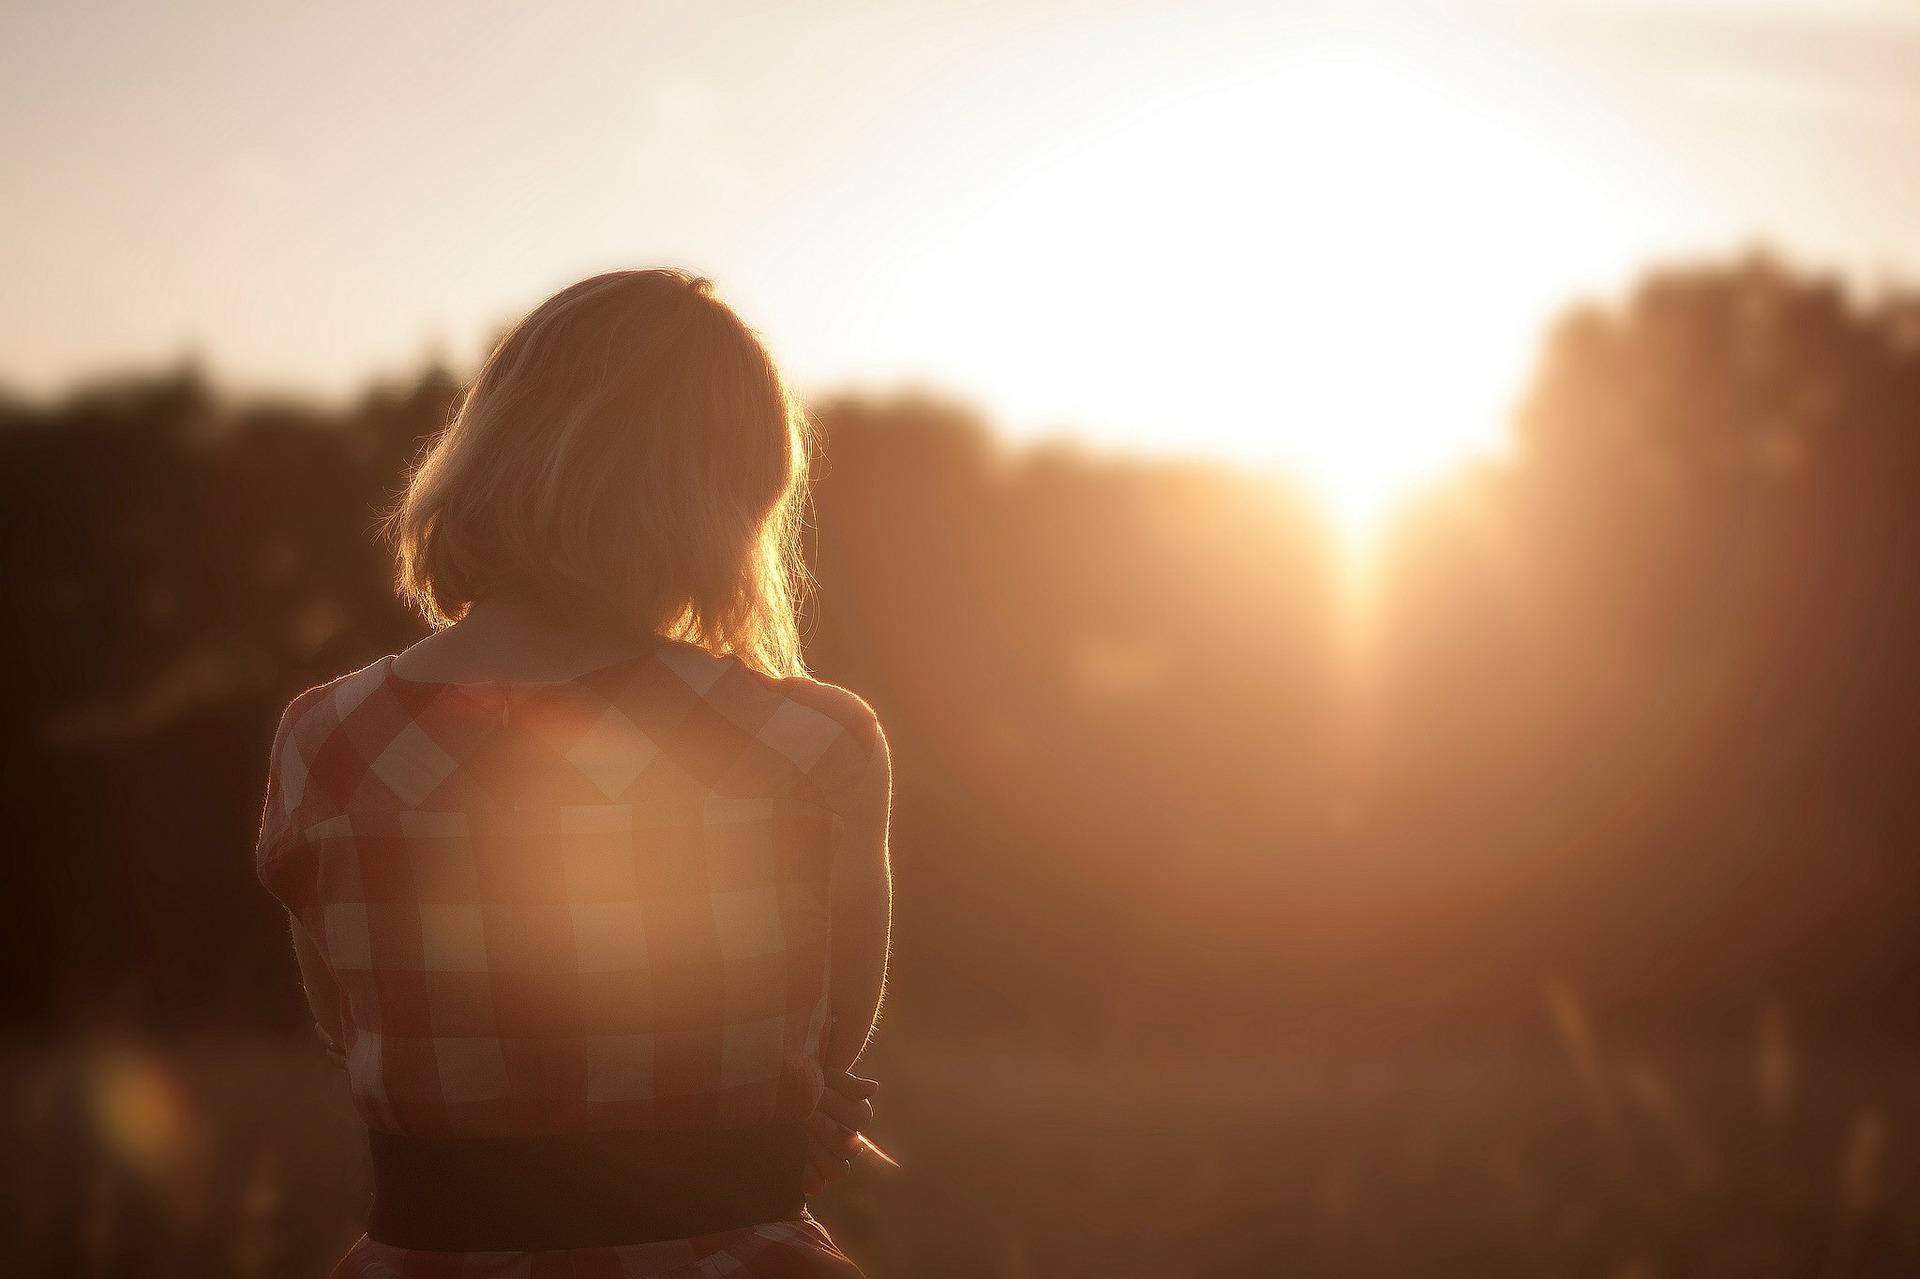 relatieproblemen coronacrisis Big five for Life